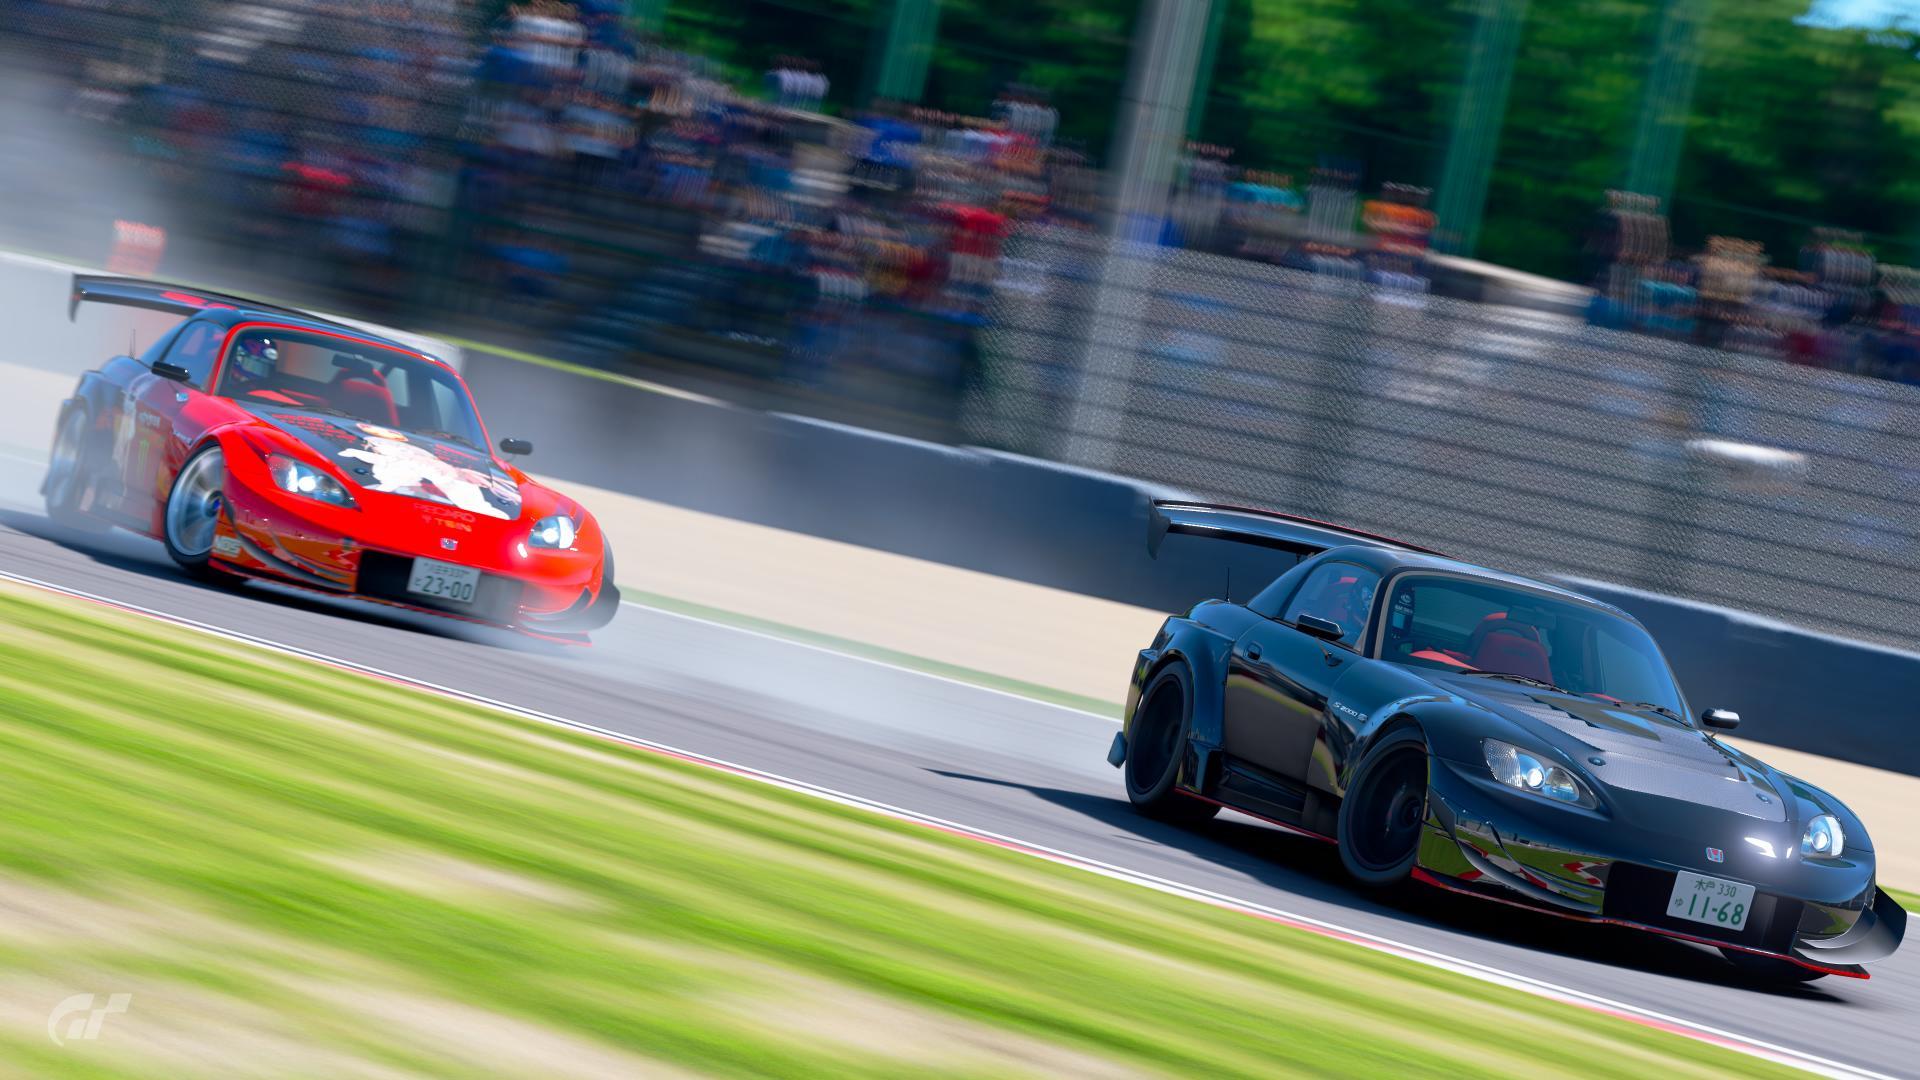 追走ドリフト Race Photos By Gd1 7a Community Gran Turismo Sport